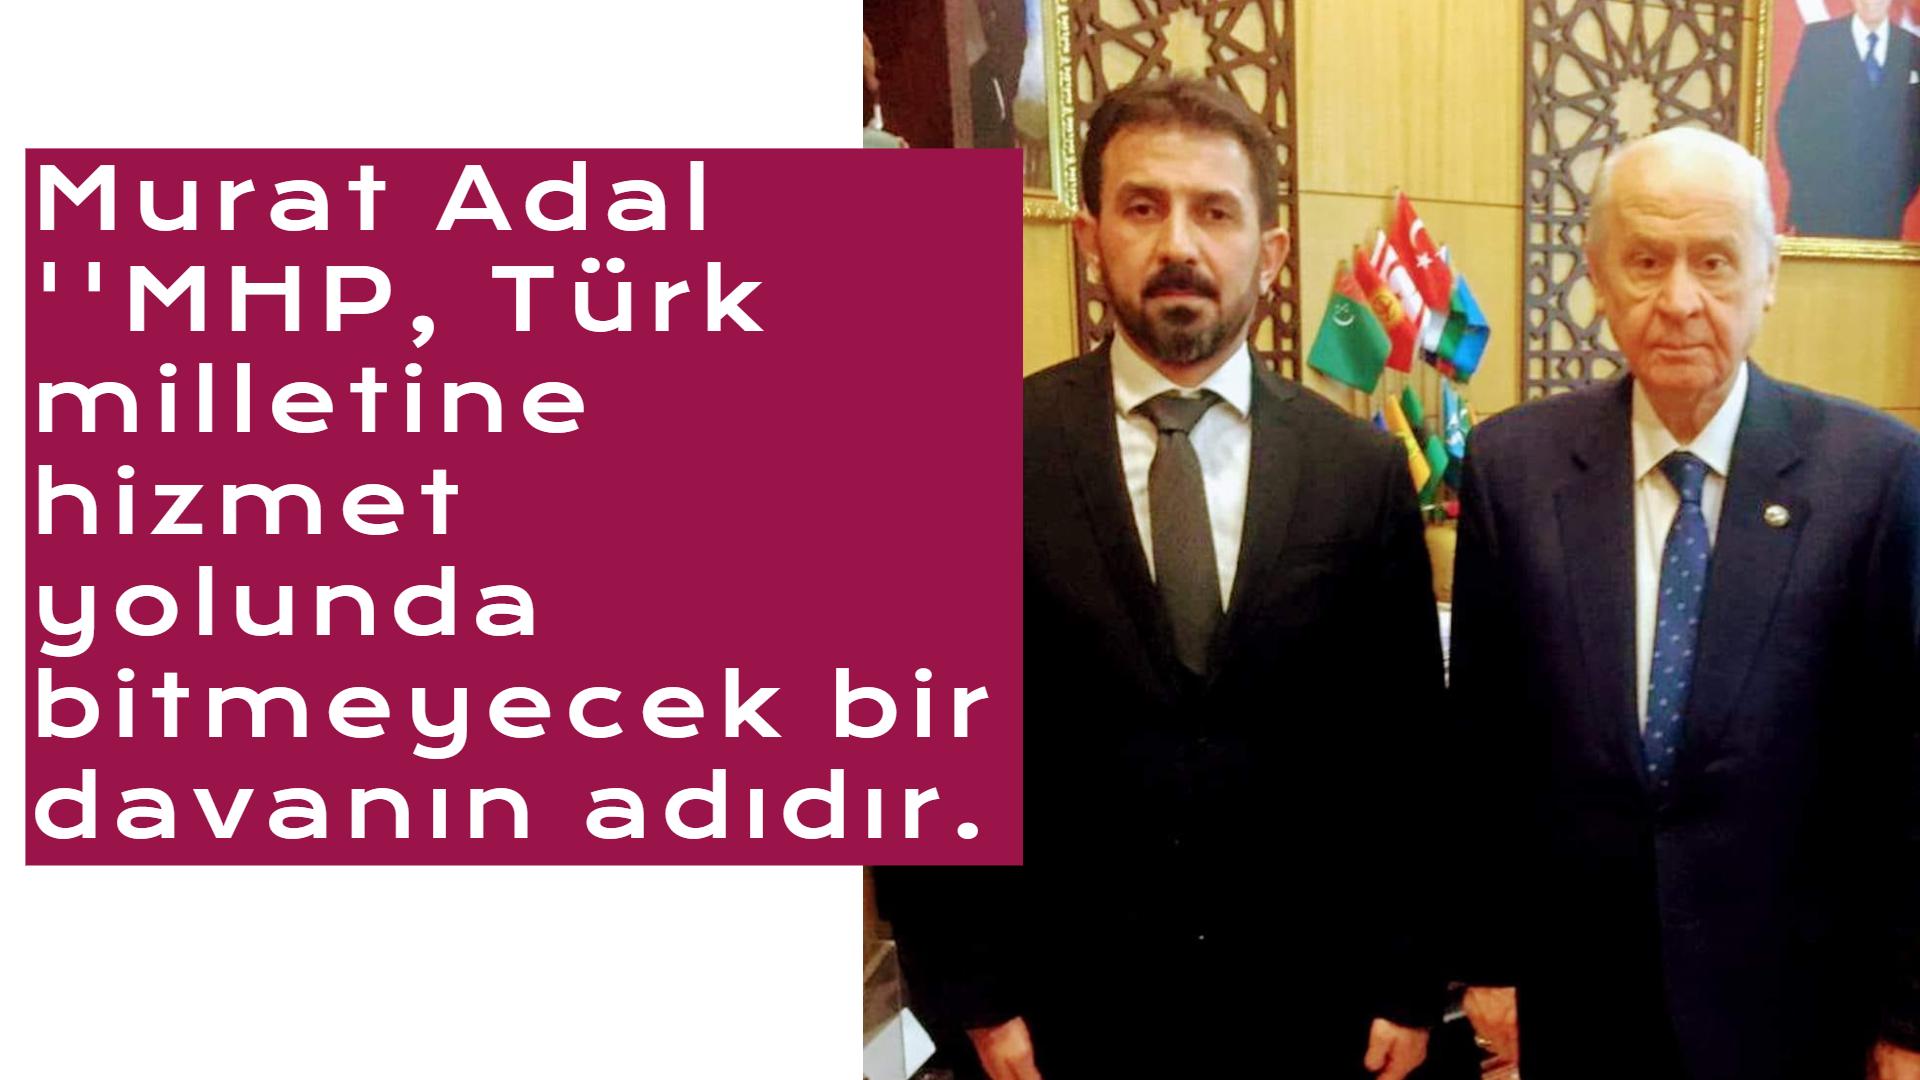 """Başkan Adal """"MHP, Türk milletine hizmet yolunda bitmeyecek bir davanın adıdır."""""""